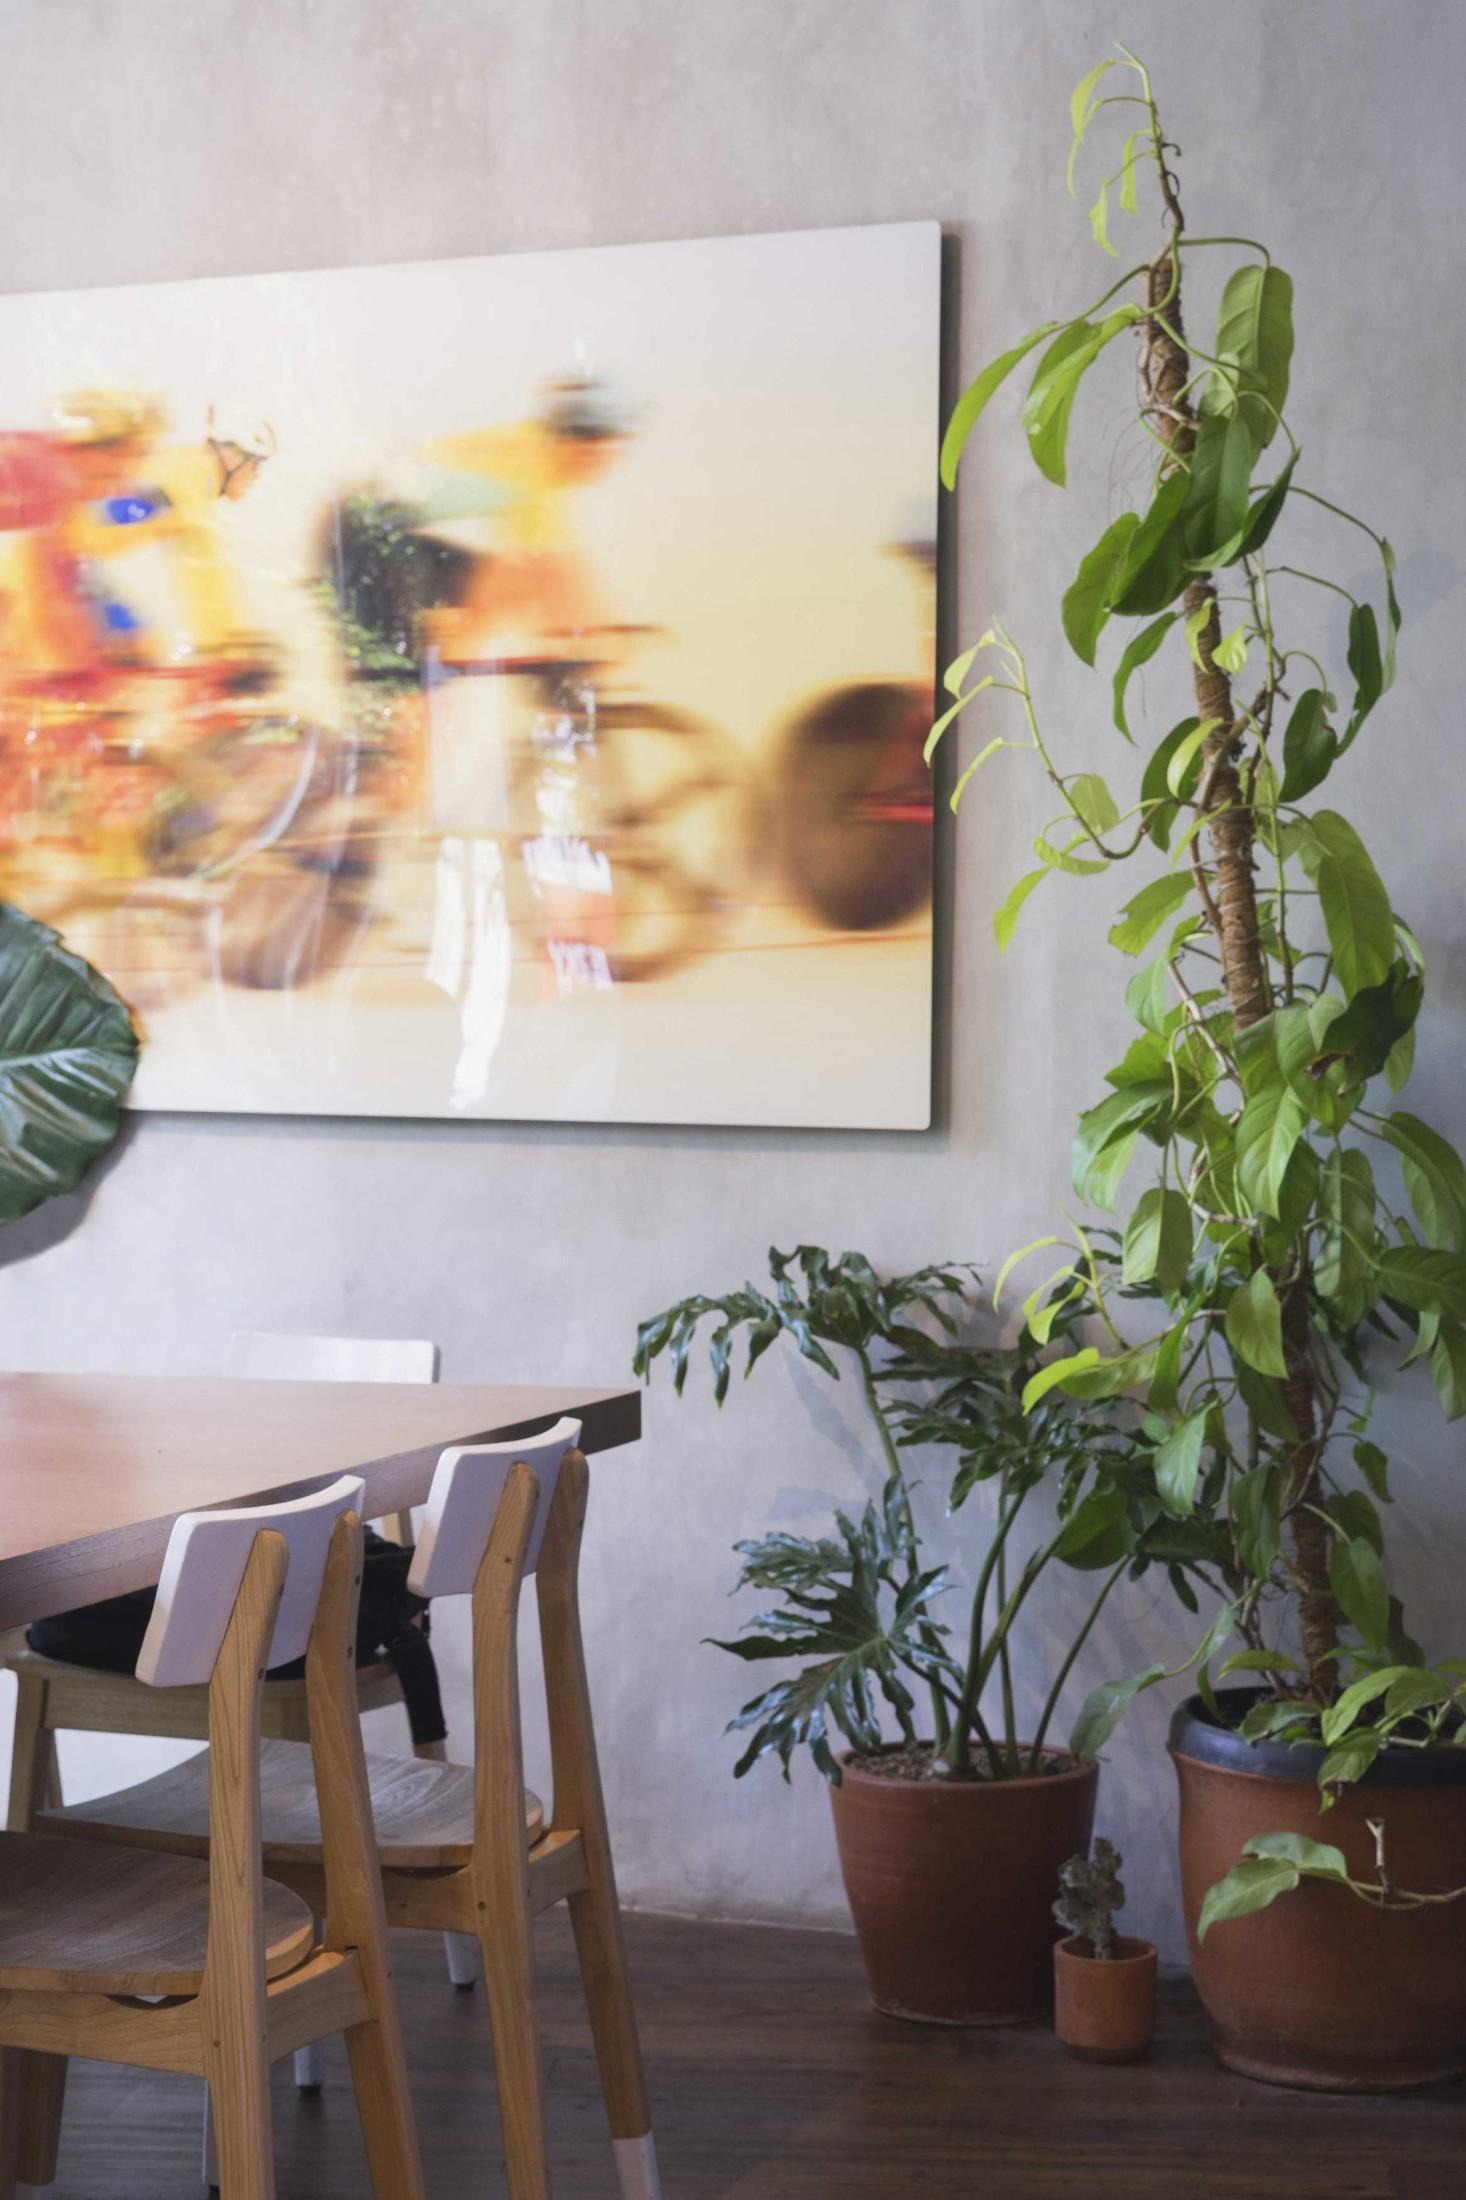 Dekorasi foto pesepeda sebagai highlight (Sumber: arsitag.com)